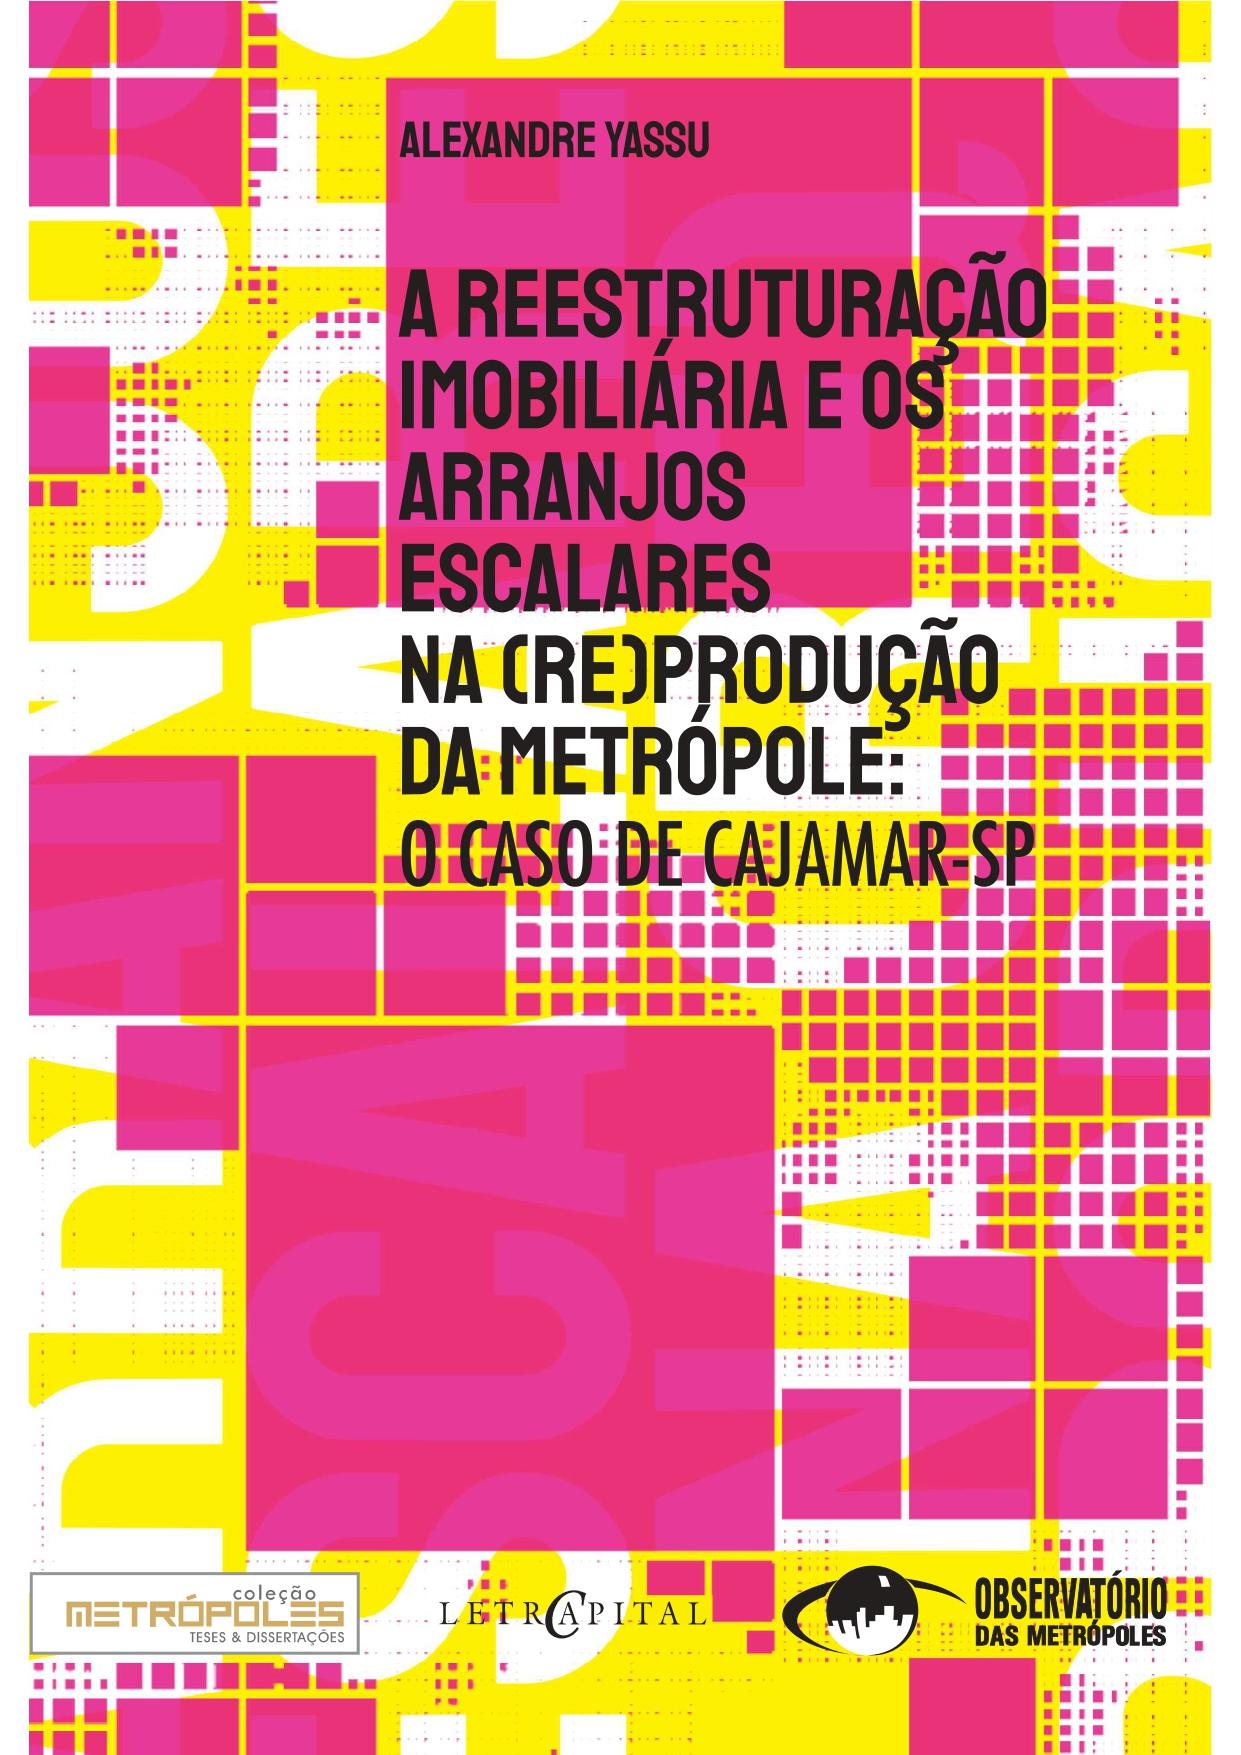 A reestruturação imobiliária e os arranjos escalares na (re)produção da metrópole: o caso de Cajamar-SP